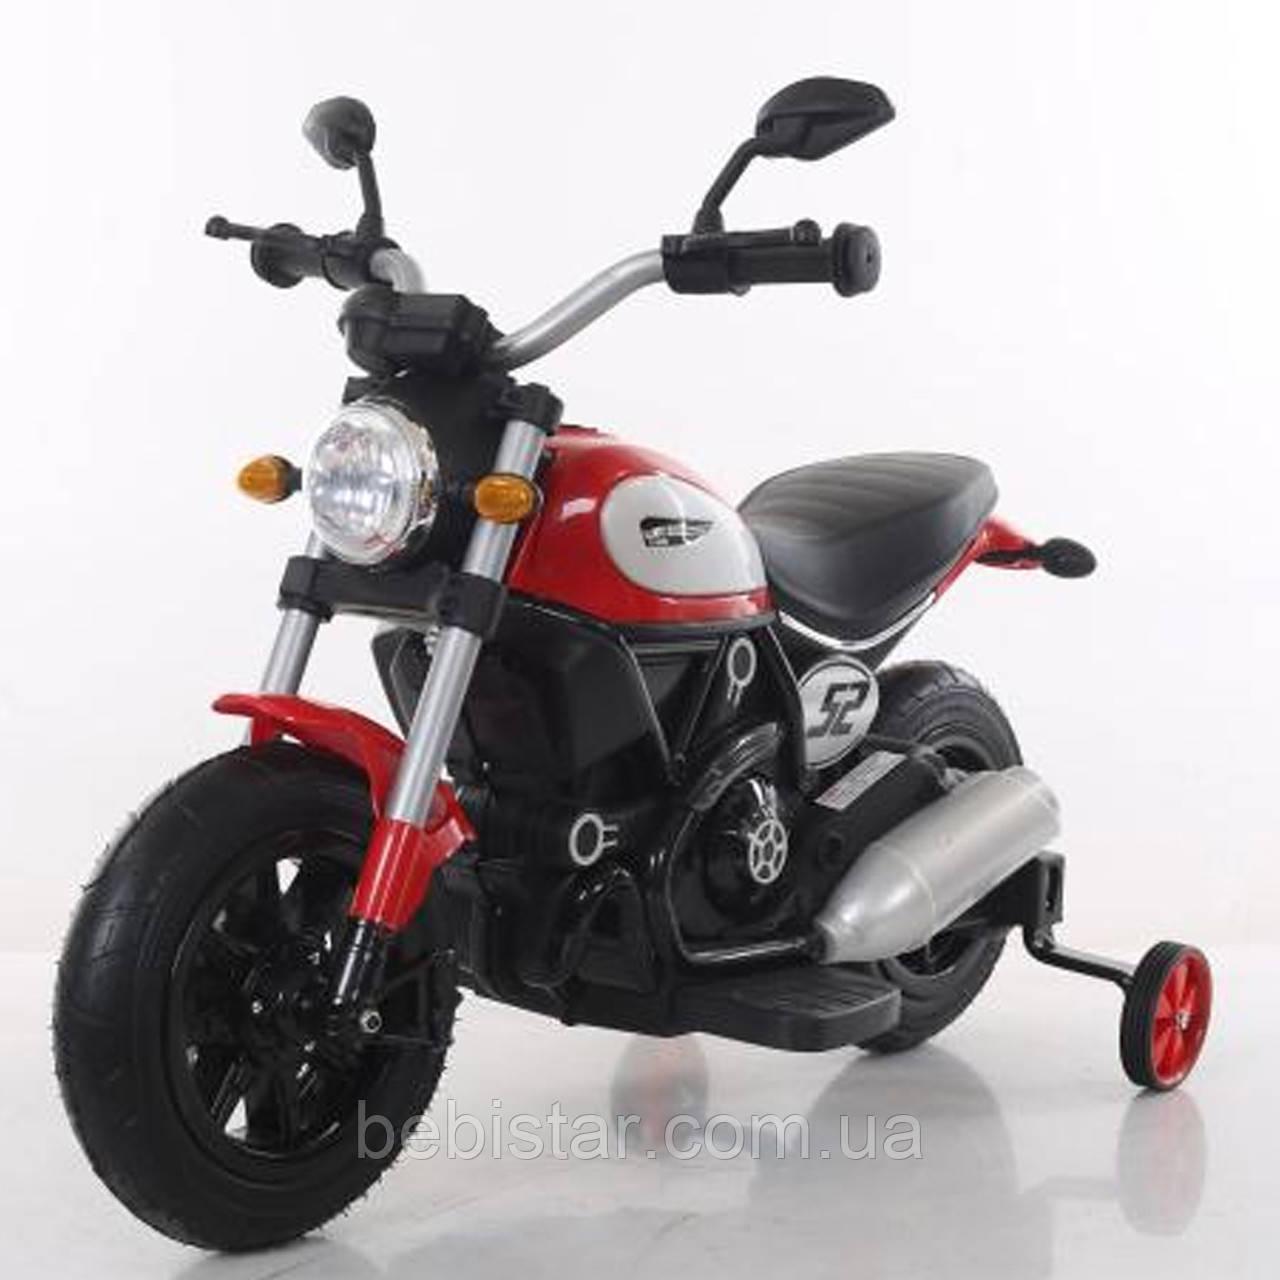 Электромобиль мотоцикл детский красный колеса надувные от 3-х до 8-ми мотор 2*15W аккумулятор 6V7AH